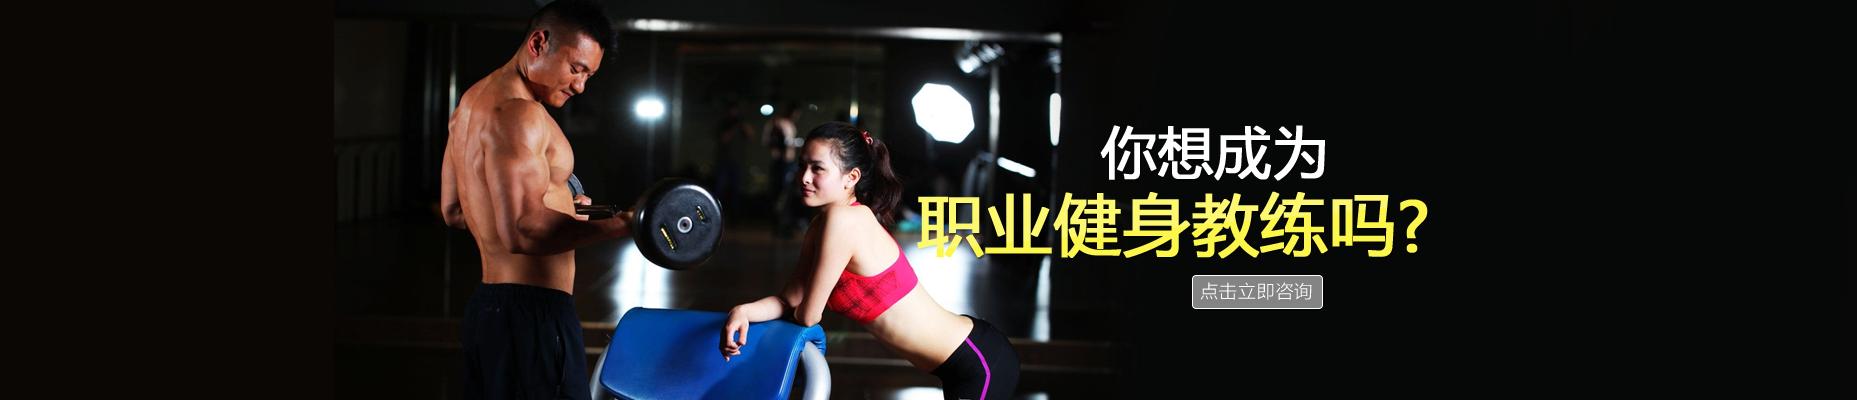 北京健身学院 横幅广告